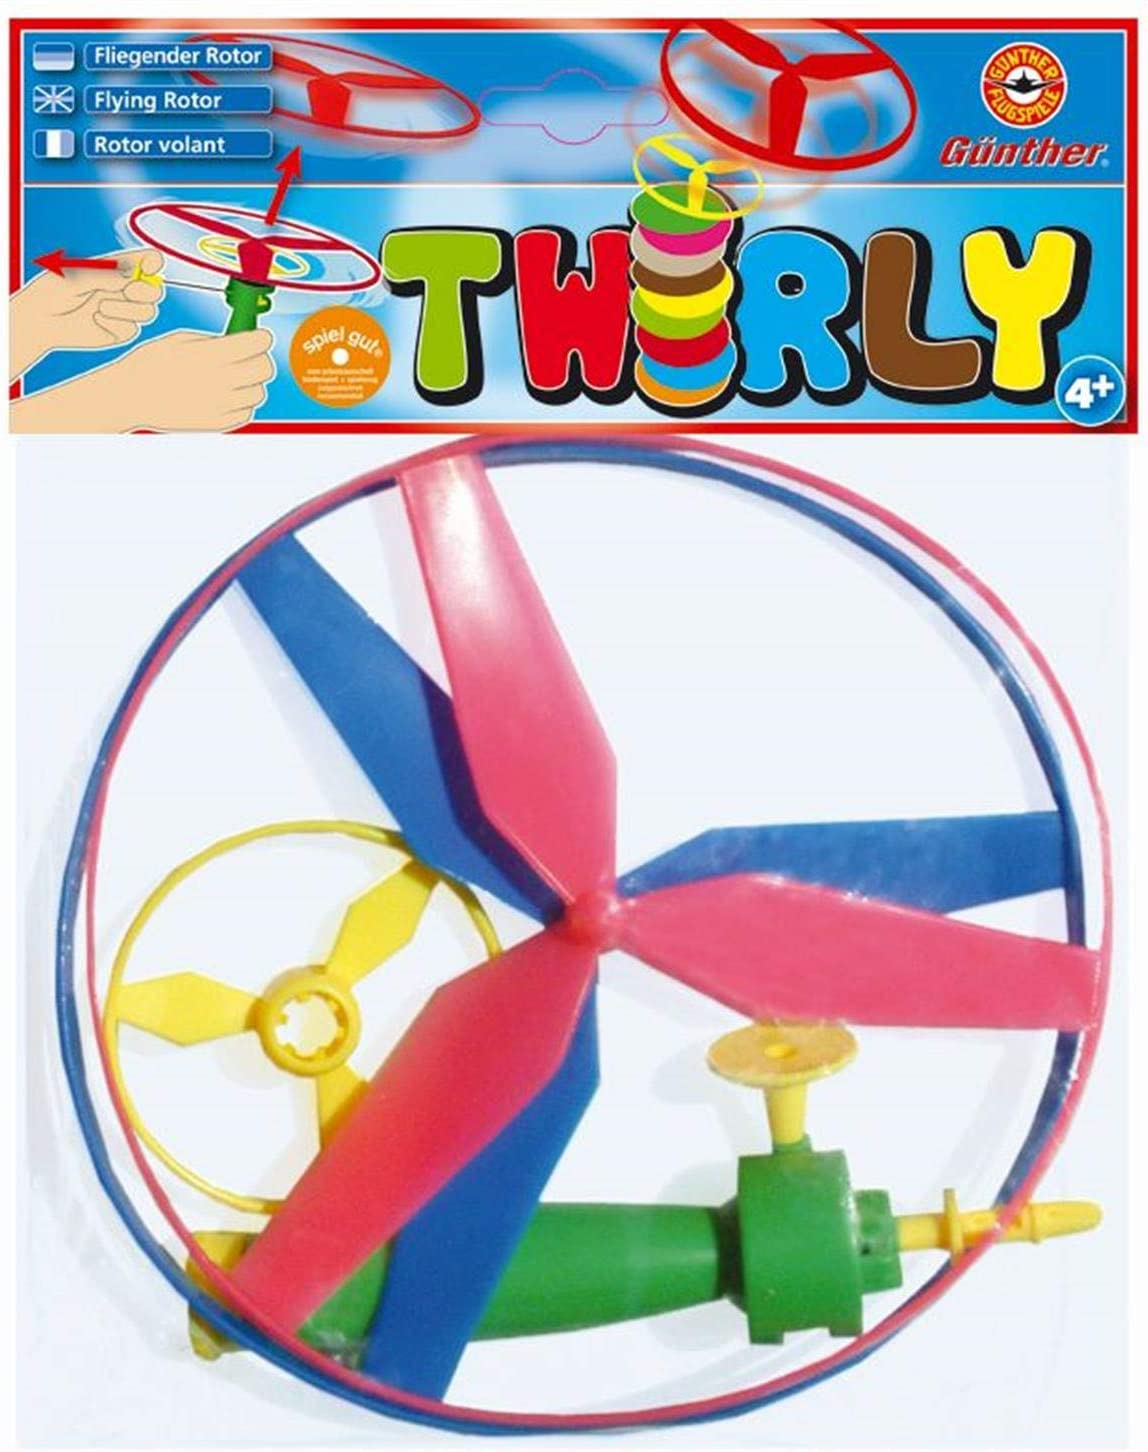 26,5 cm /& Paul G/ünther 1689 Rotordurchmesser ca Propellerspiel Twirly G/ünther 1645 Propeller Flugspiel Power Spin